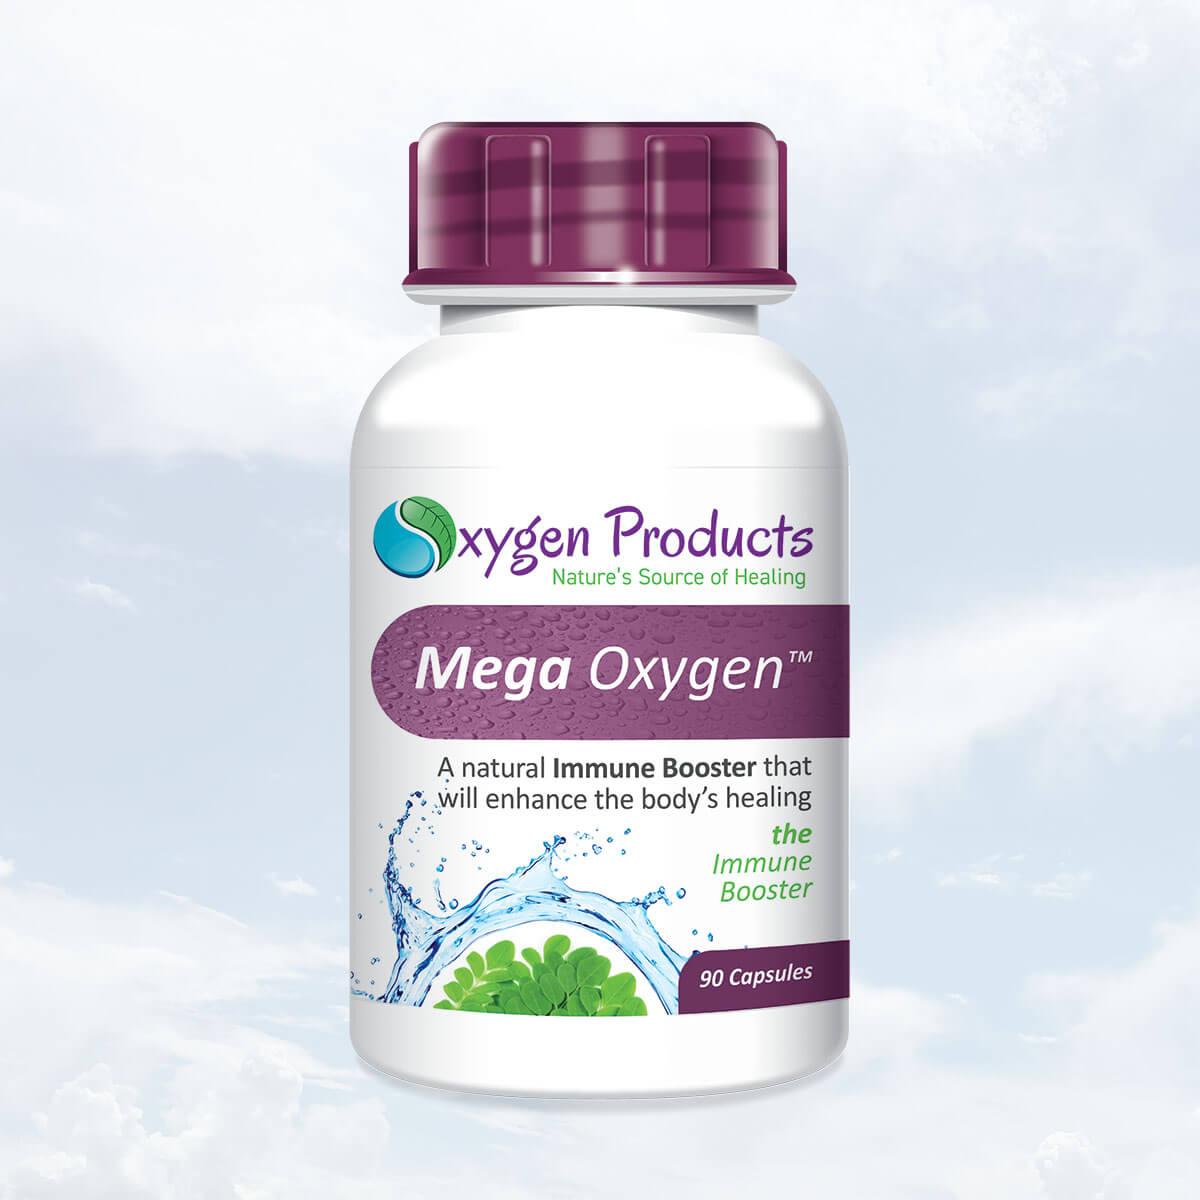 Mega-Oxygen-Home-Image